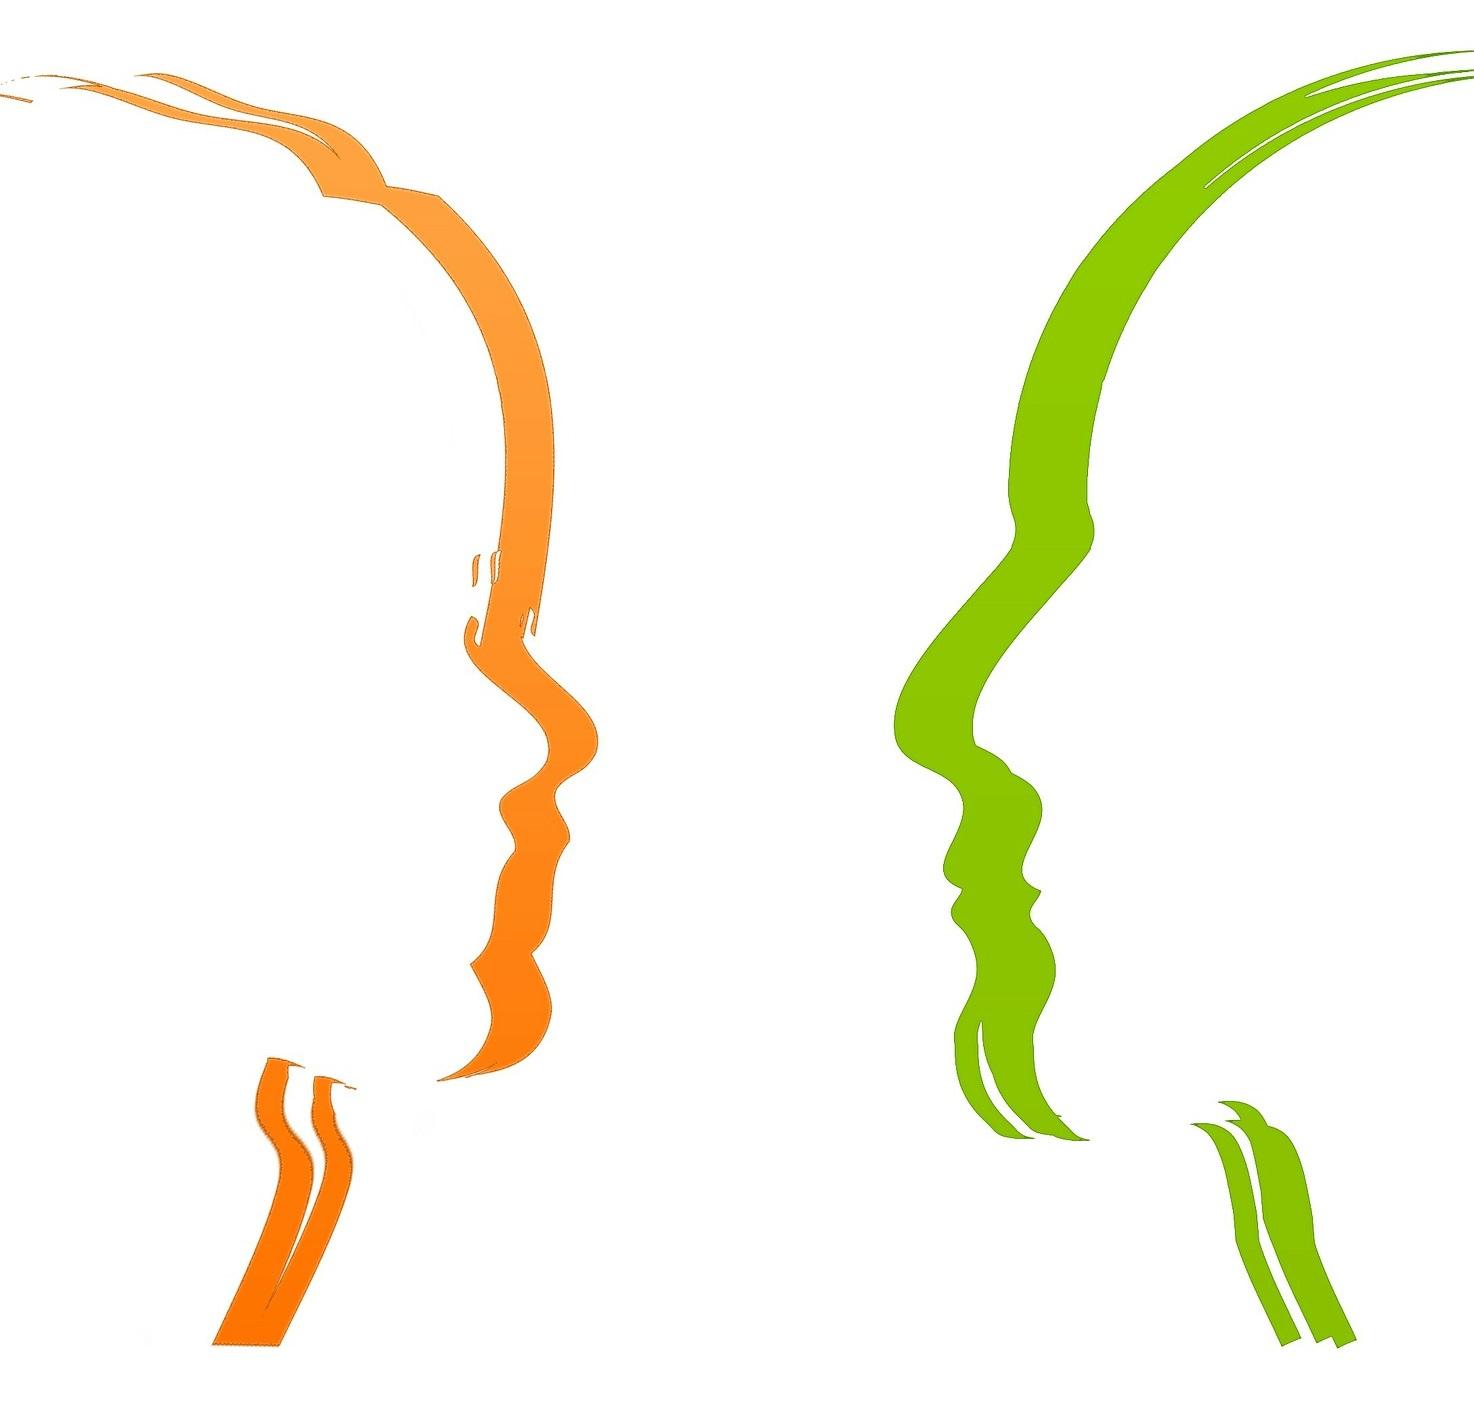 erfolgreich-verhandeln-richtig-verhandeln-verhandlung-verhandlungstechniken-ulrike-knauer-verhandlungsseminar-vorbereitung-team-taktik-kommunikation-gegenueber